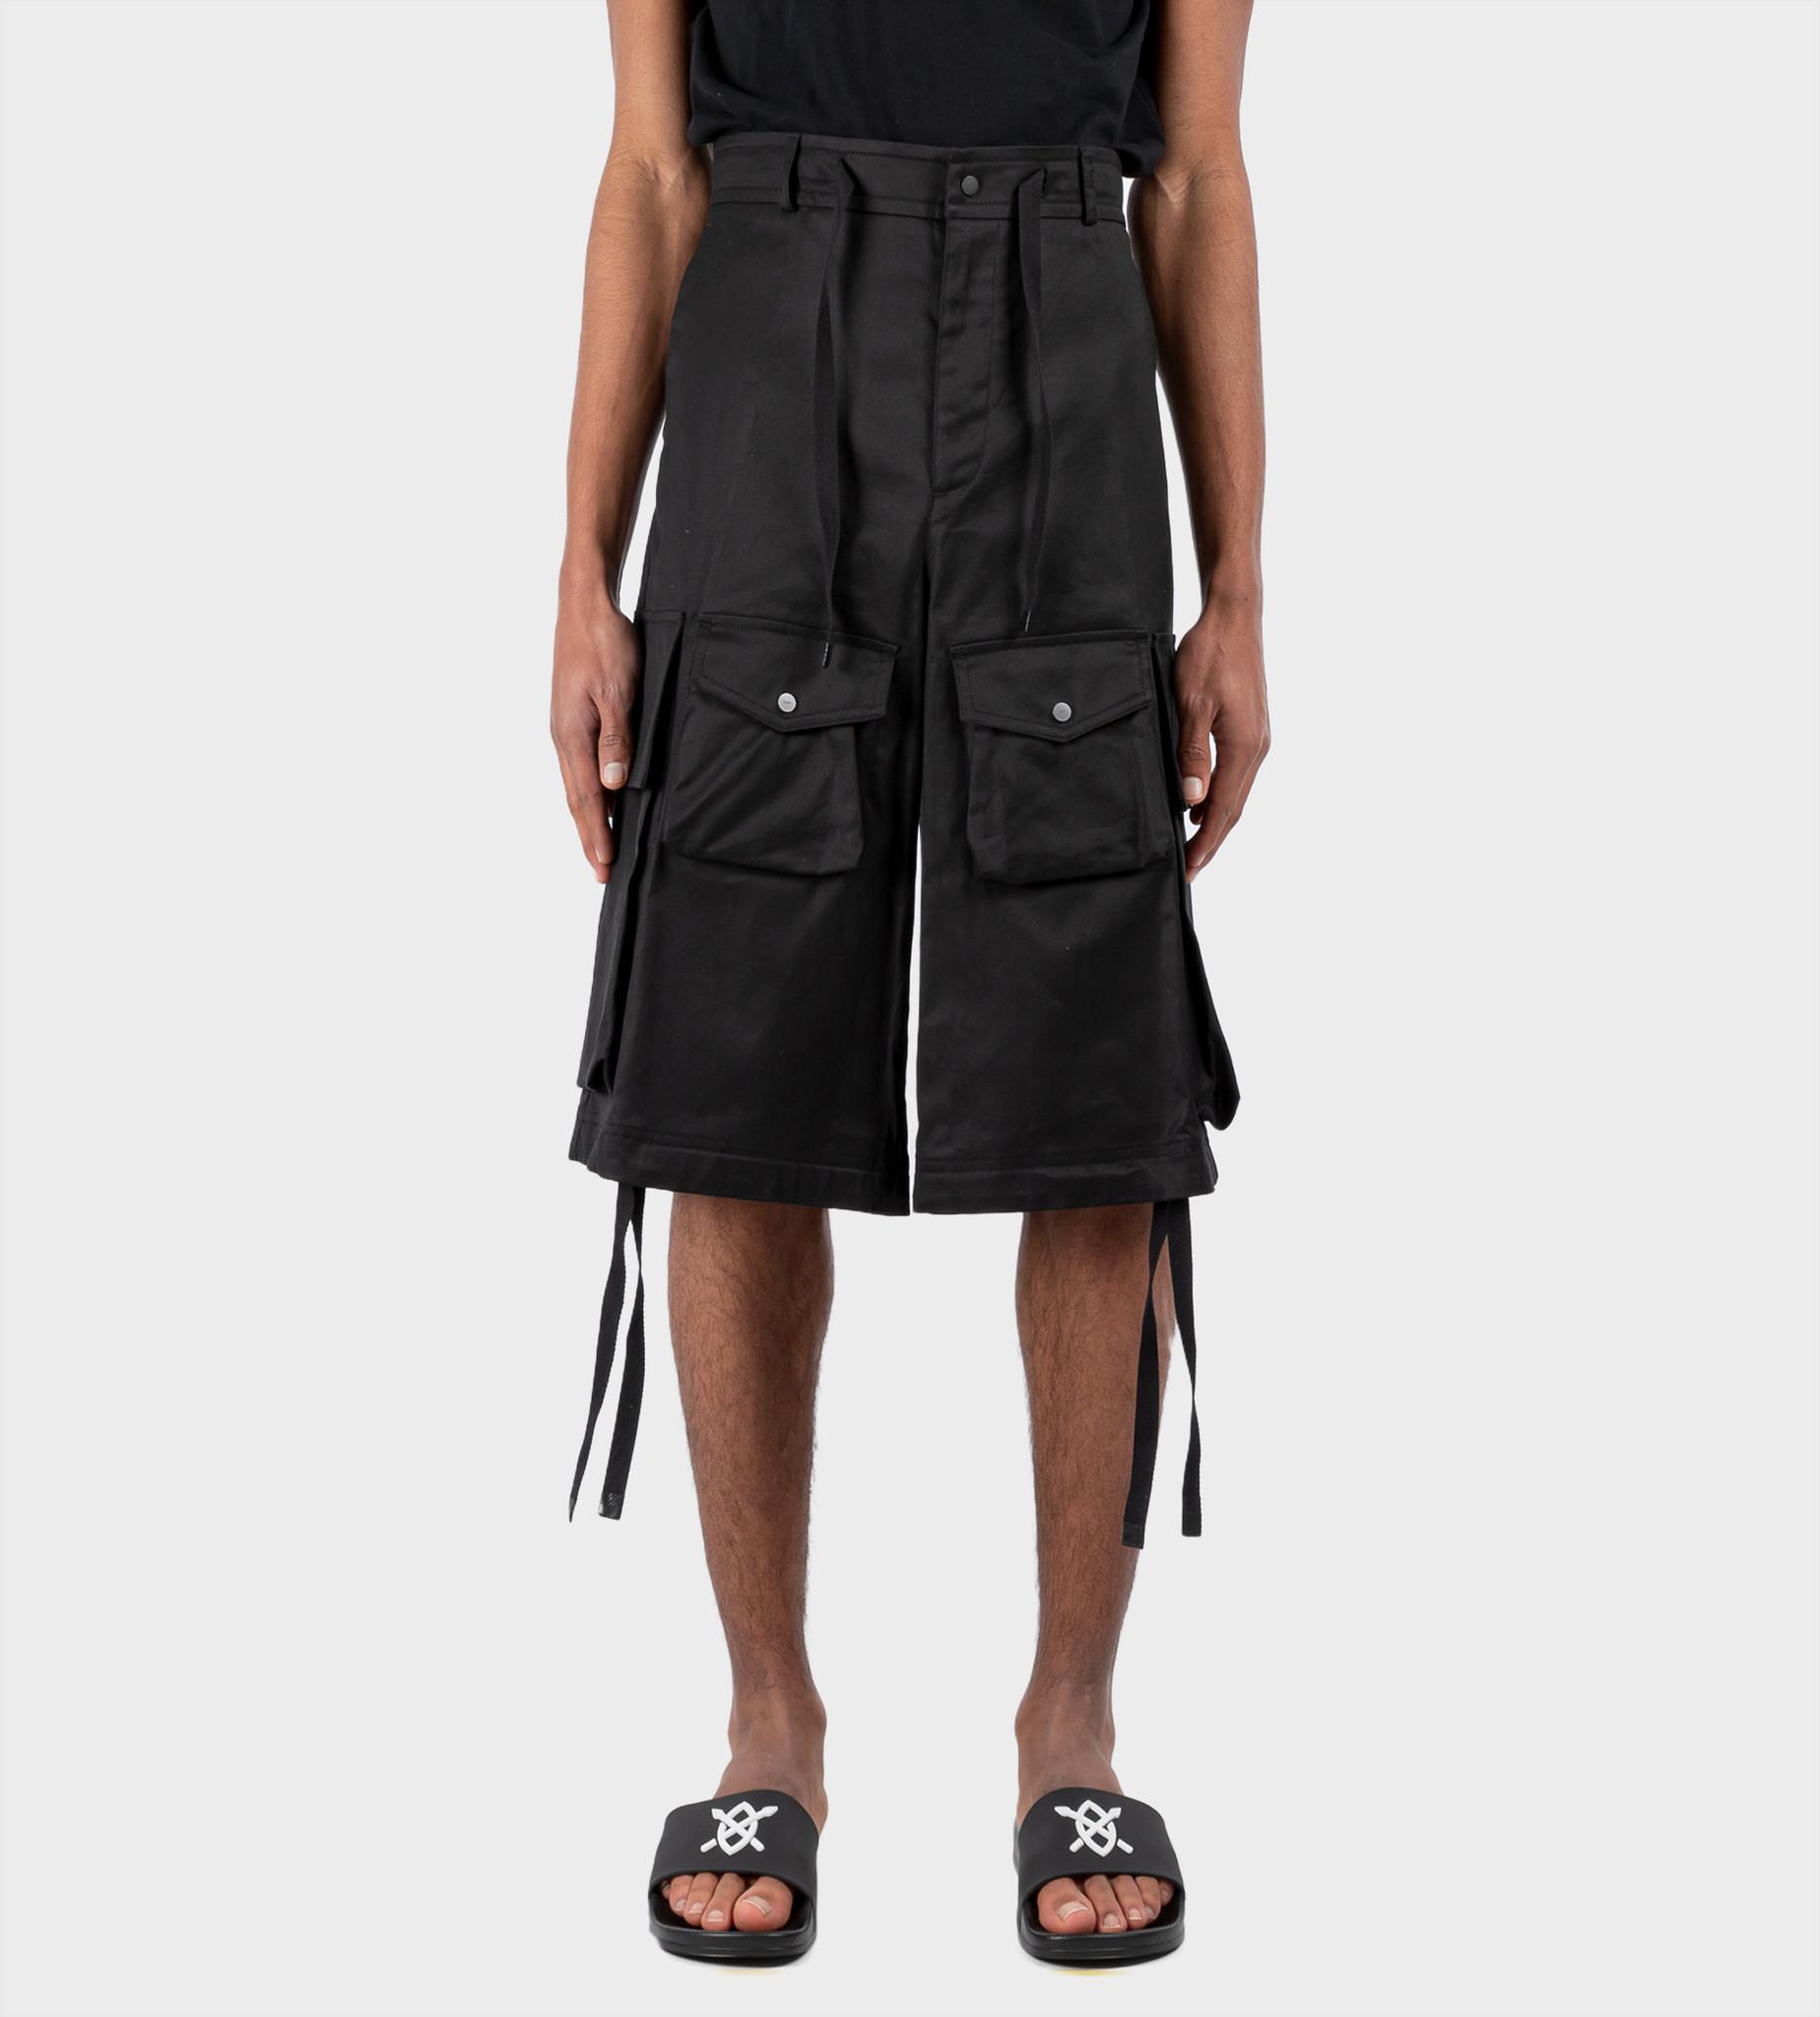 MONCLER GENIUS 2 Moncler Genius 1952 Bermuda Trousers